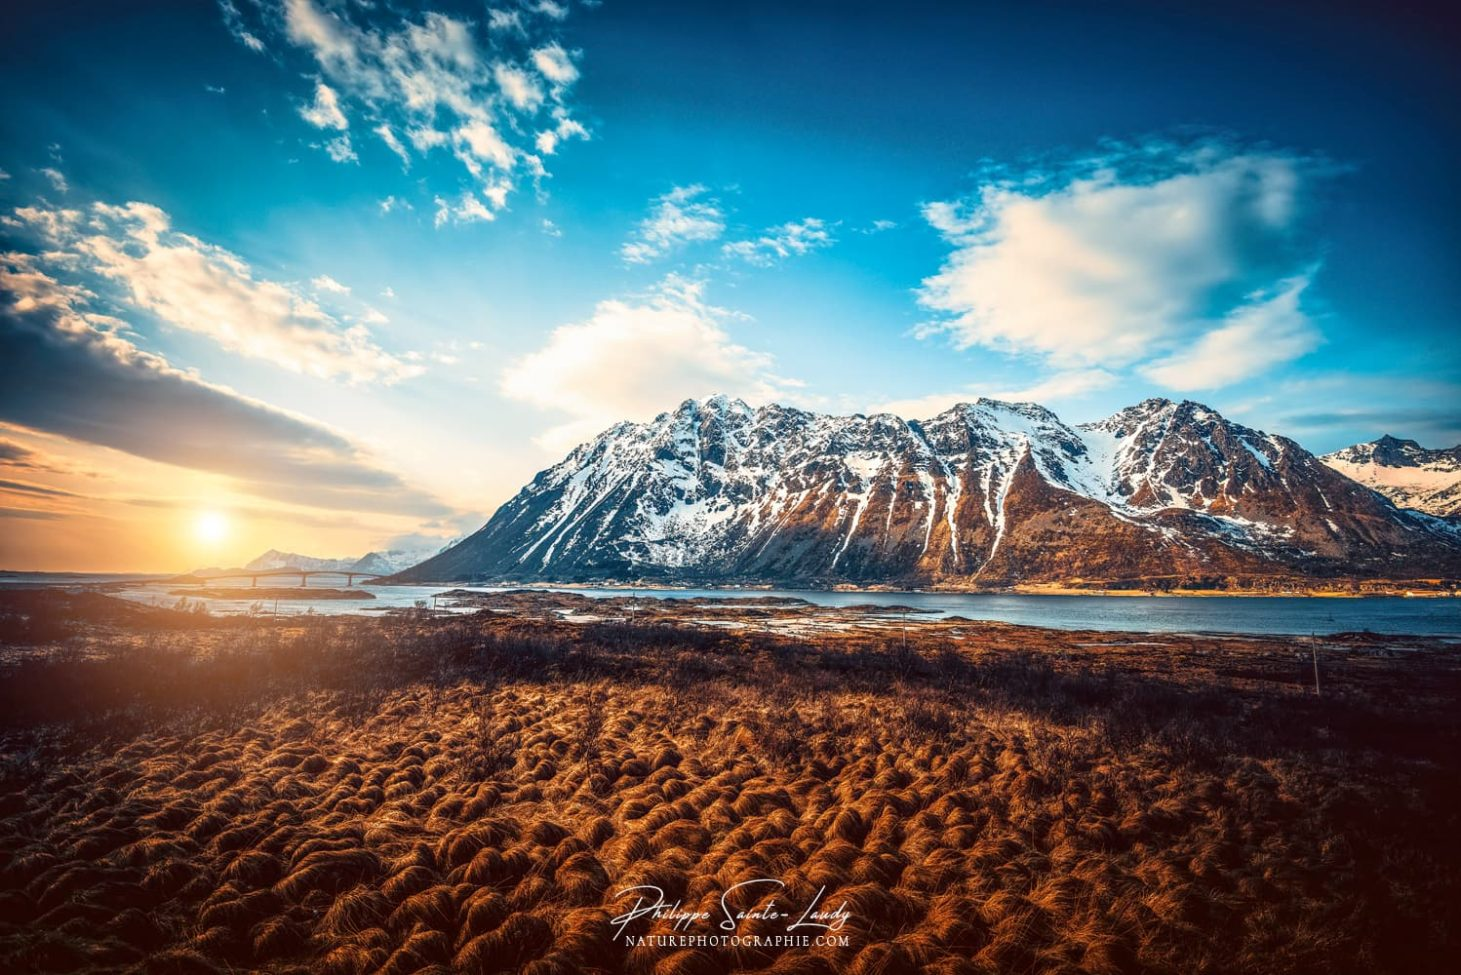 Balade dans les îles Lofoten au coucher de soleil